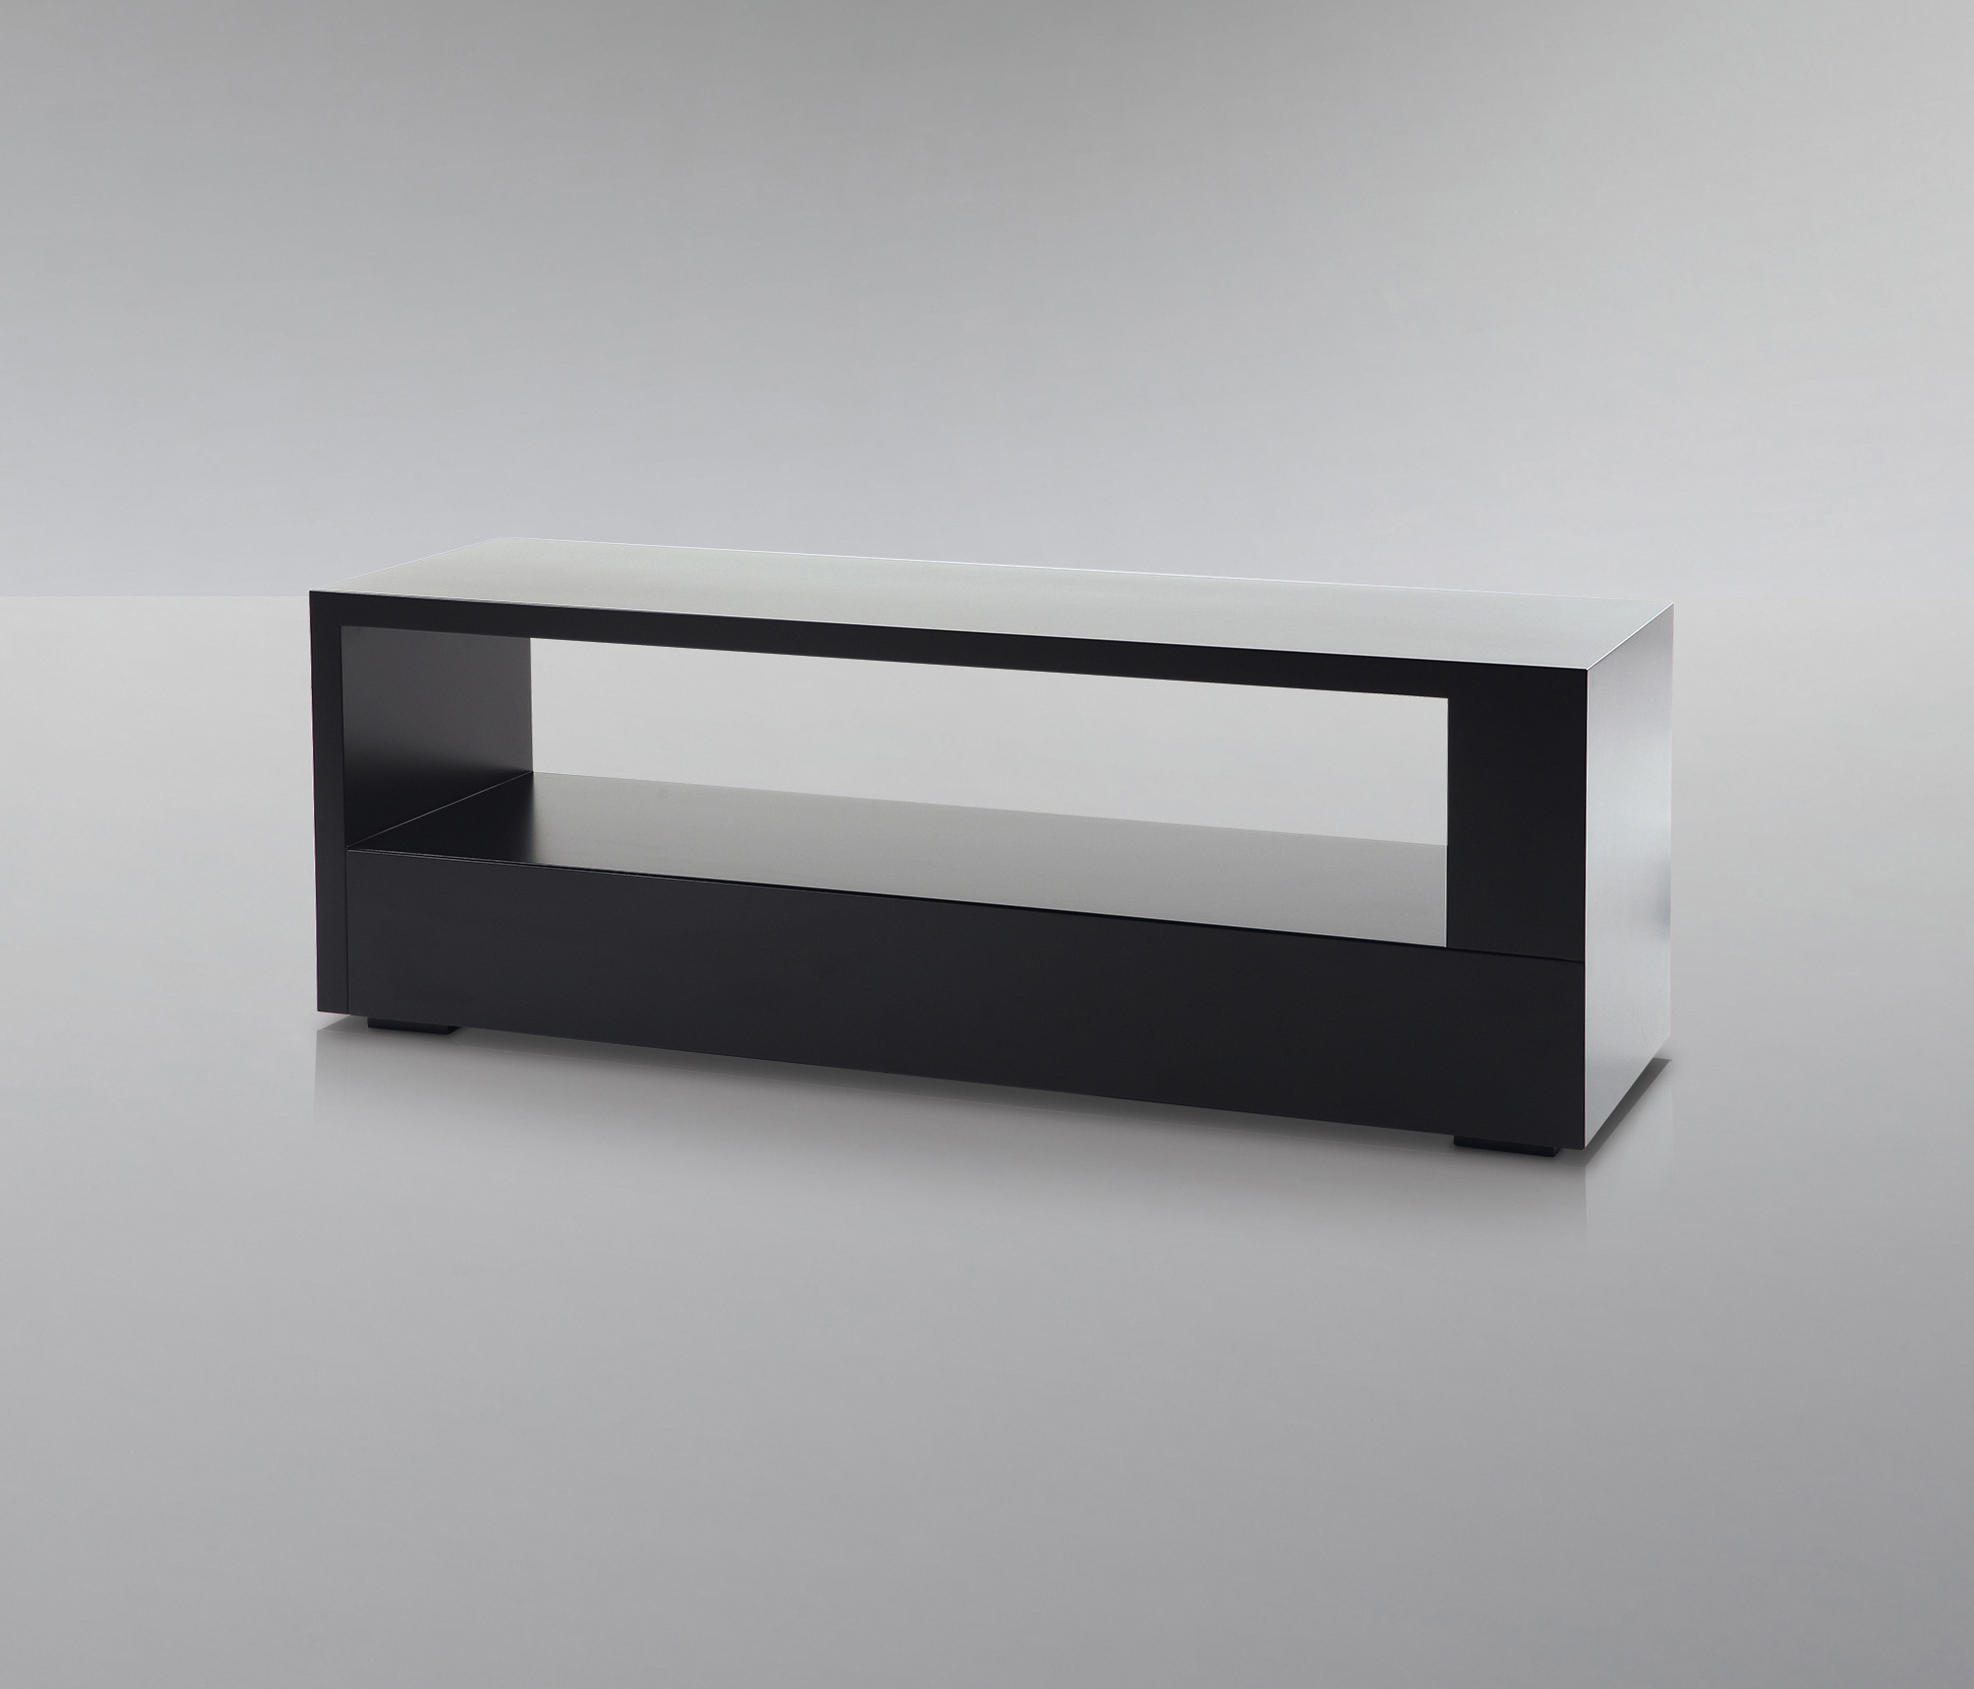 decoration bout de lit city bancs de treca interiors paris architonic. Black Bedroom Furniture Sets. Home Design Ideas